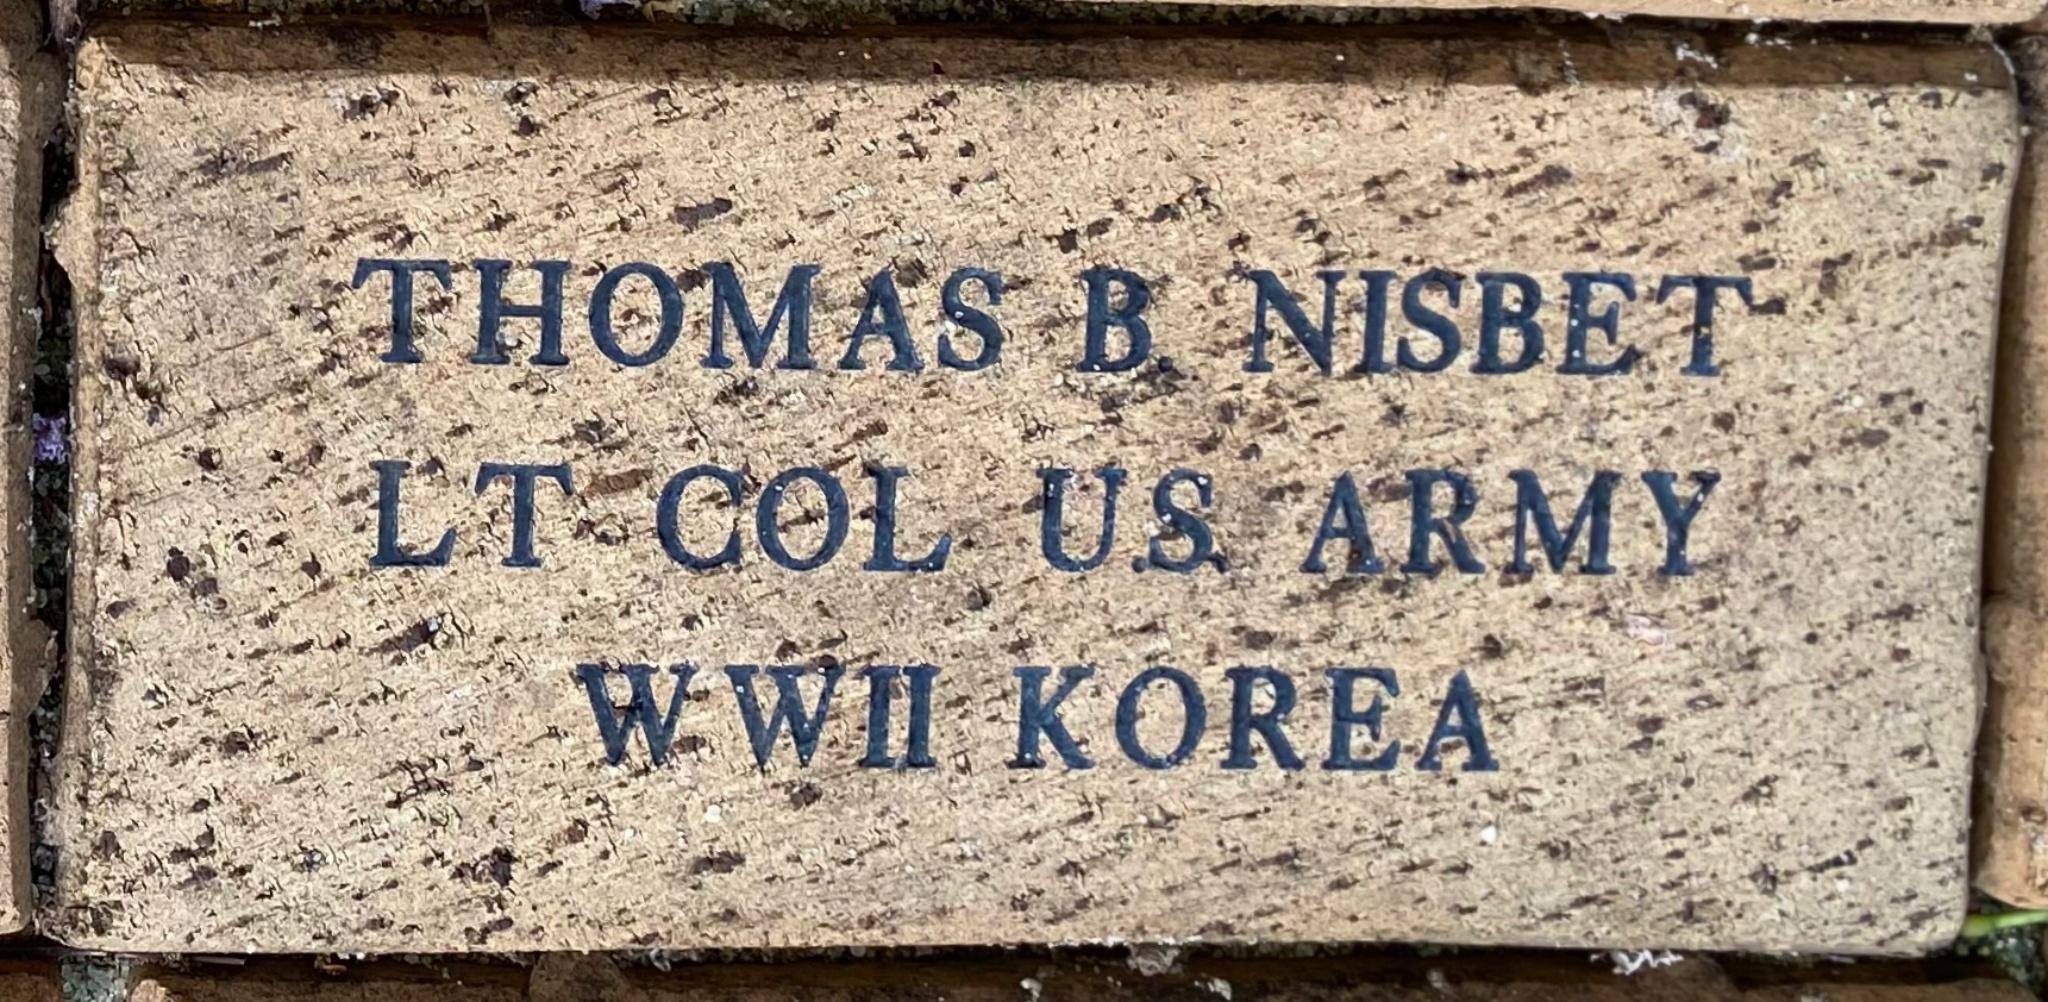 THOMAS B. NISBET LT COL U.S. ARMY WWII KOREA